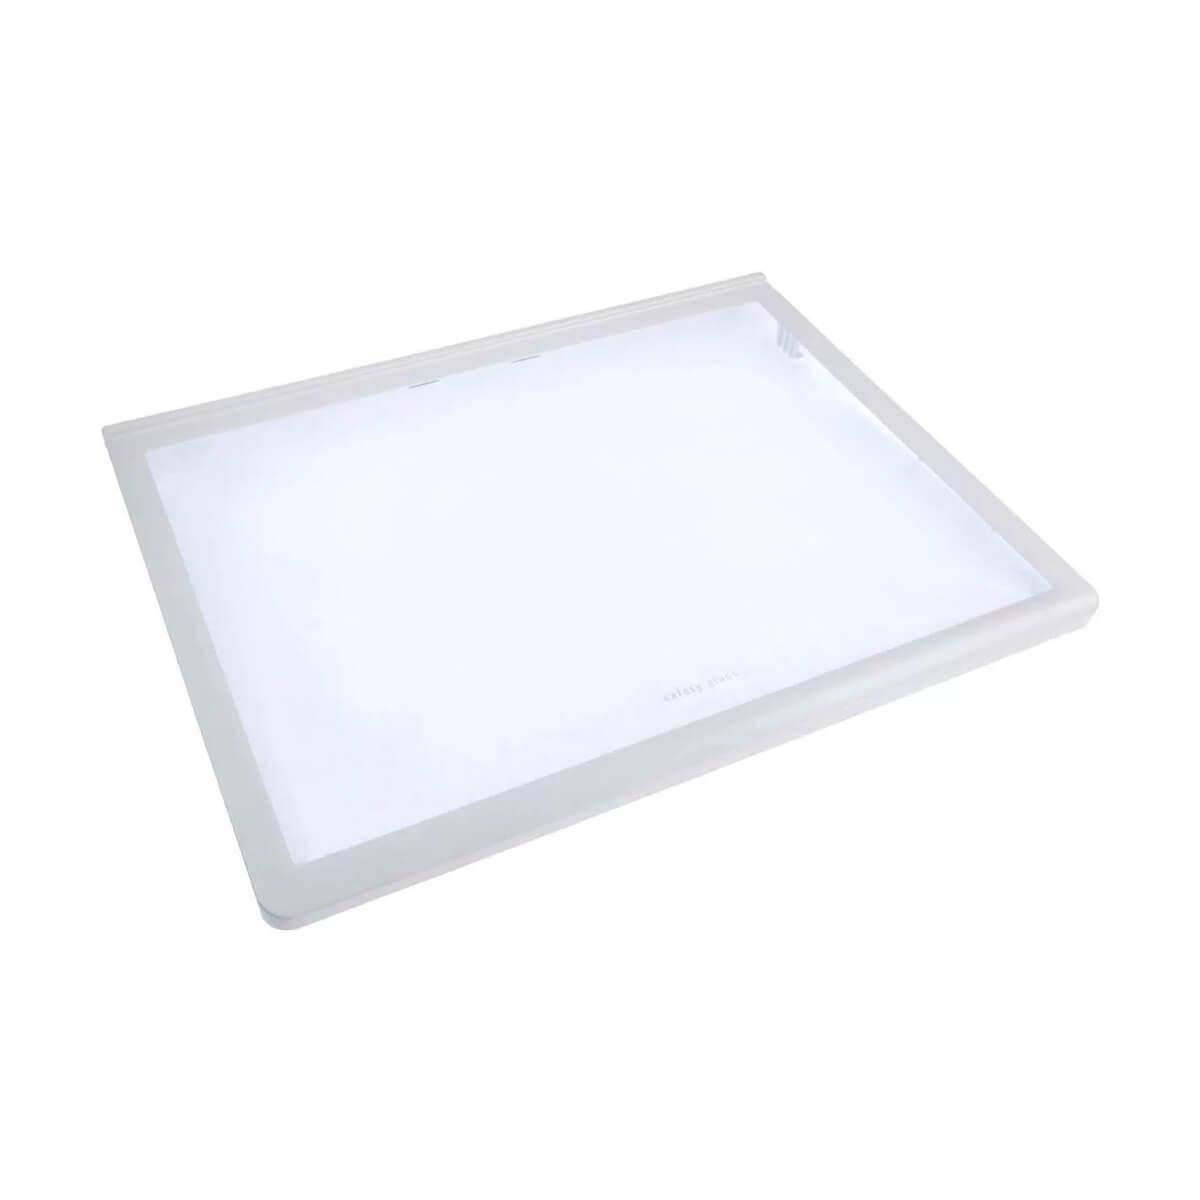 Prateleira De Vidro Do Refrigerador Frost Free Electrolux - A99338401